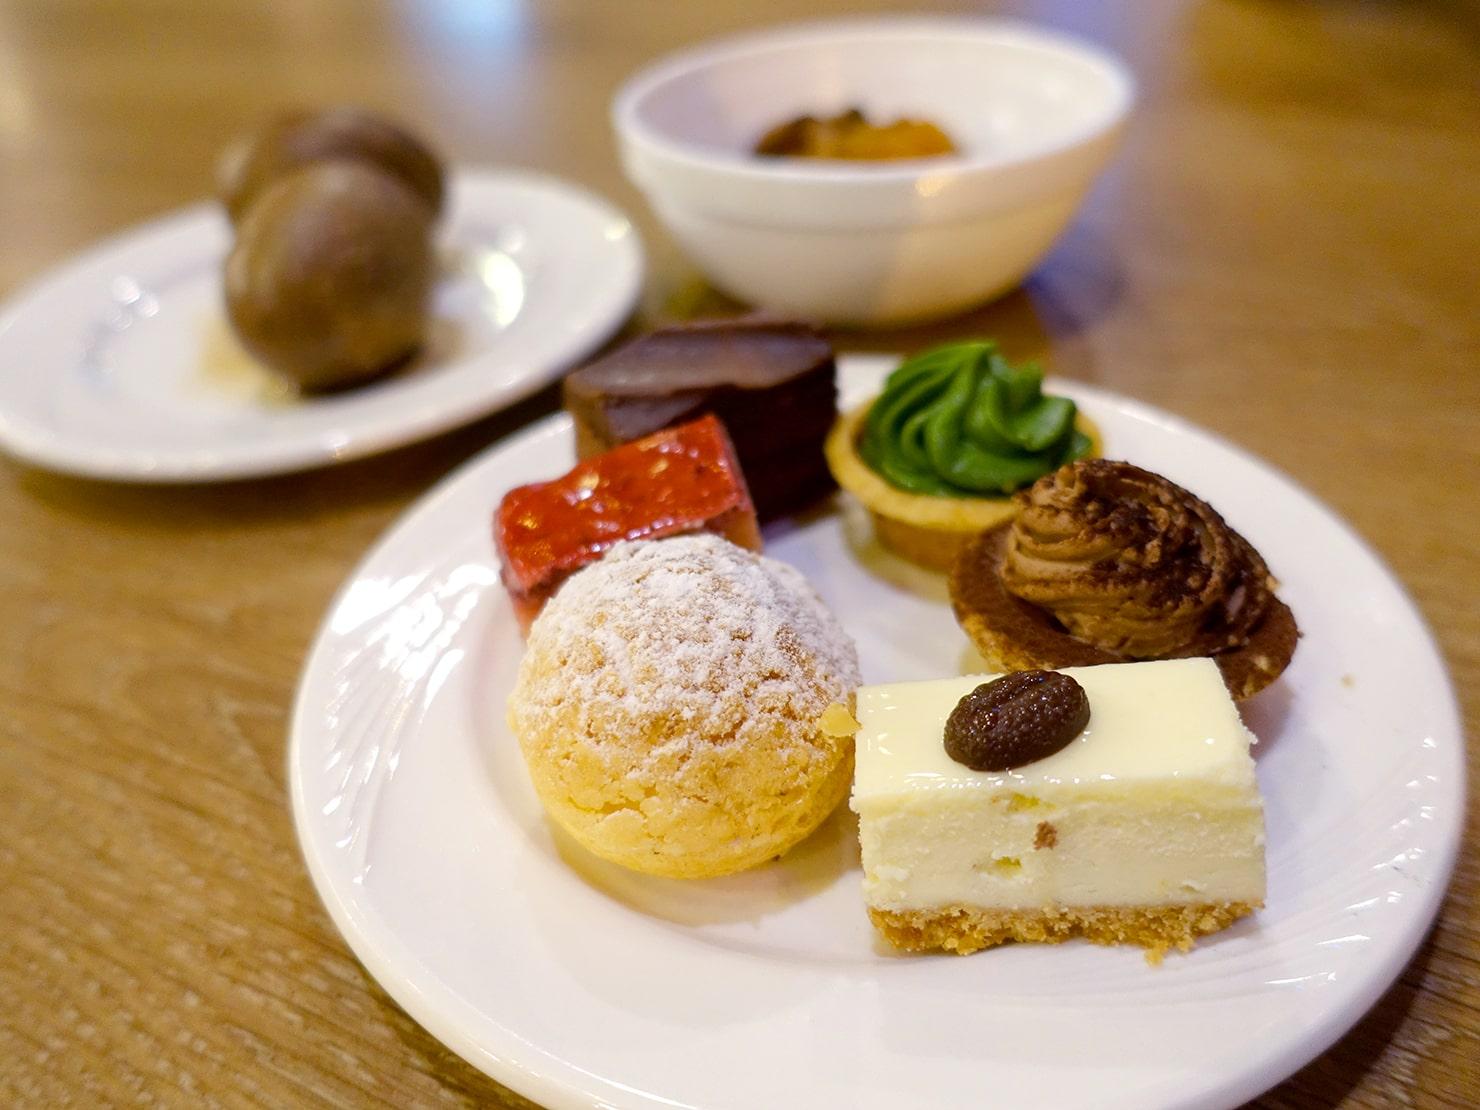 台南駅が目の前の老舗ホテル「台南大飯店 Hotel Tainan」の夜食で振舞われたケーキ